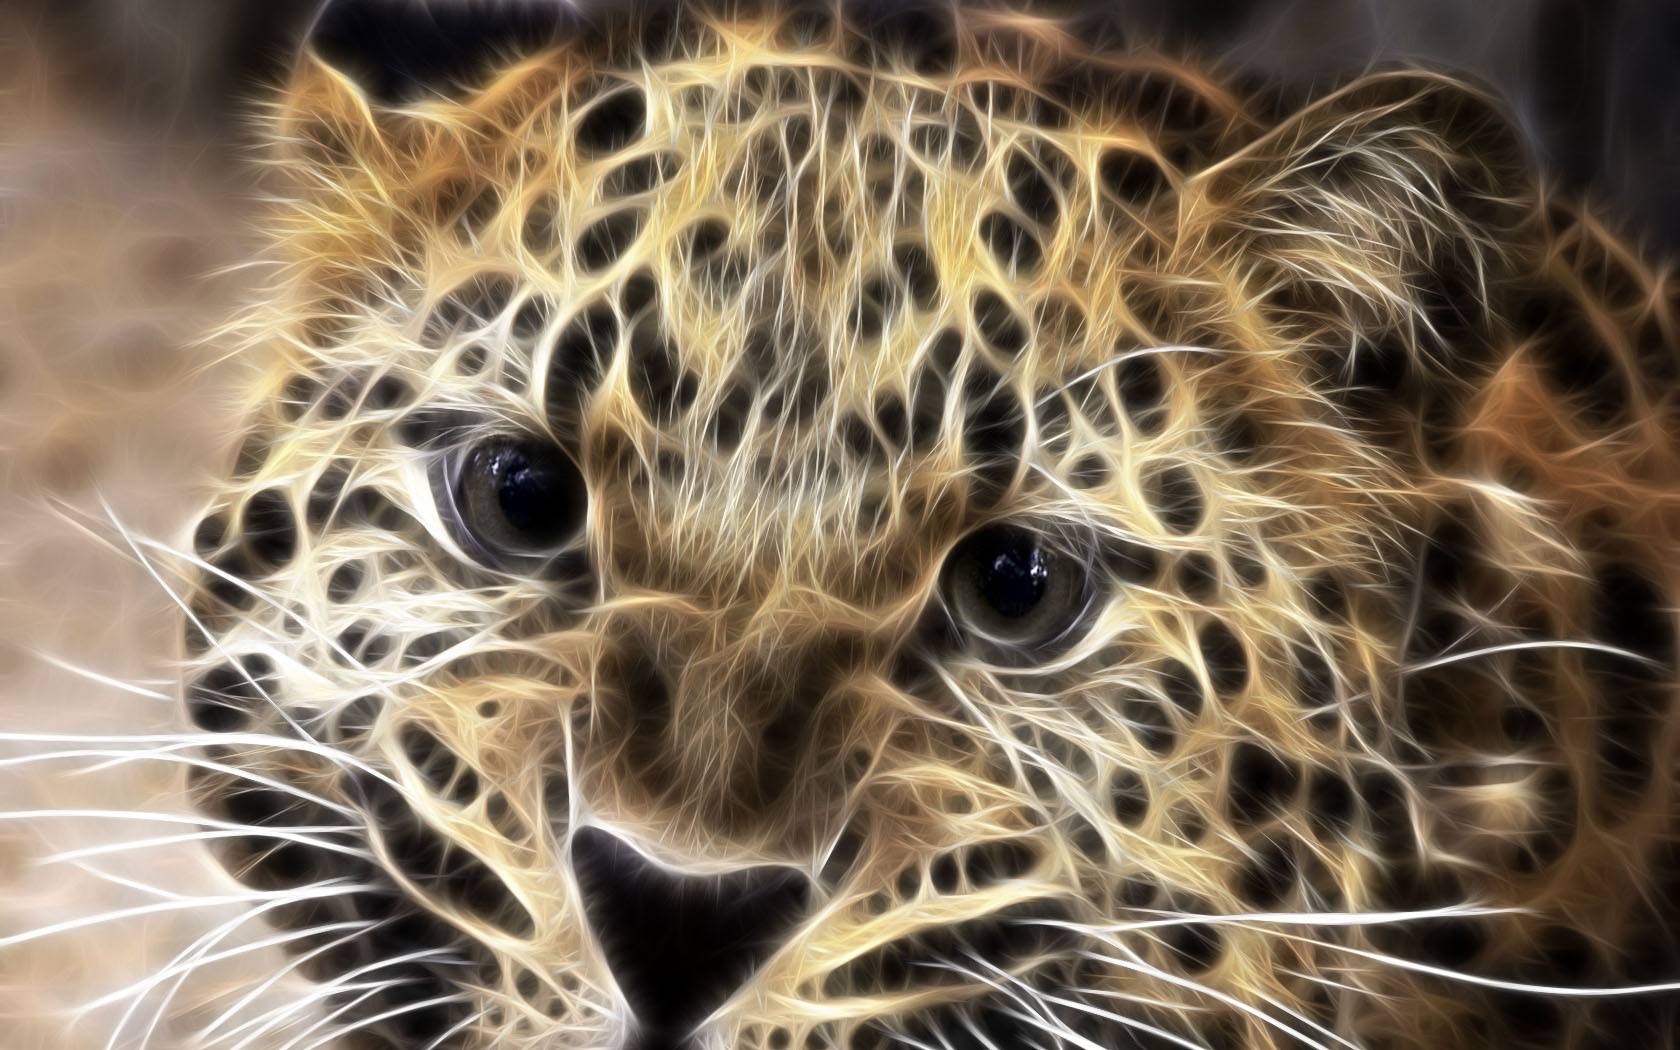 Drawn snow walpaper Leopard WallpaperSafari Drawn Wallpaper Leopard